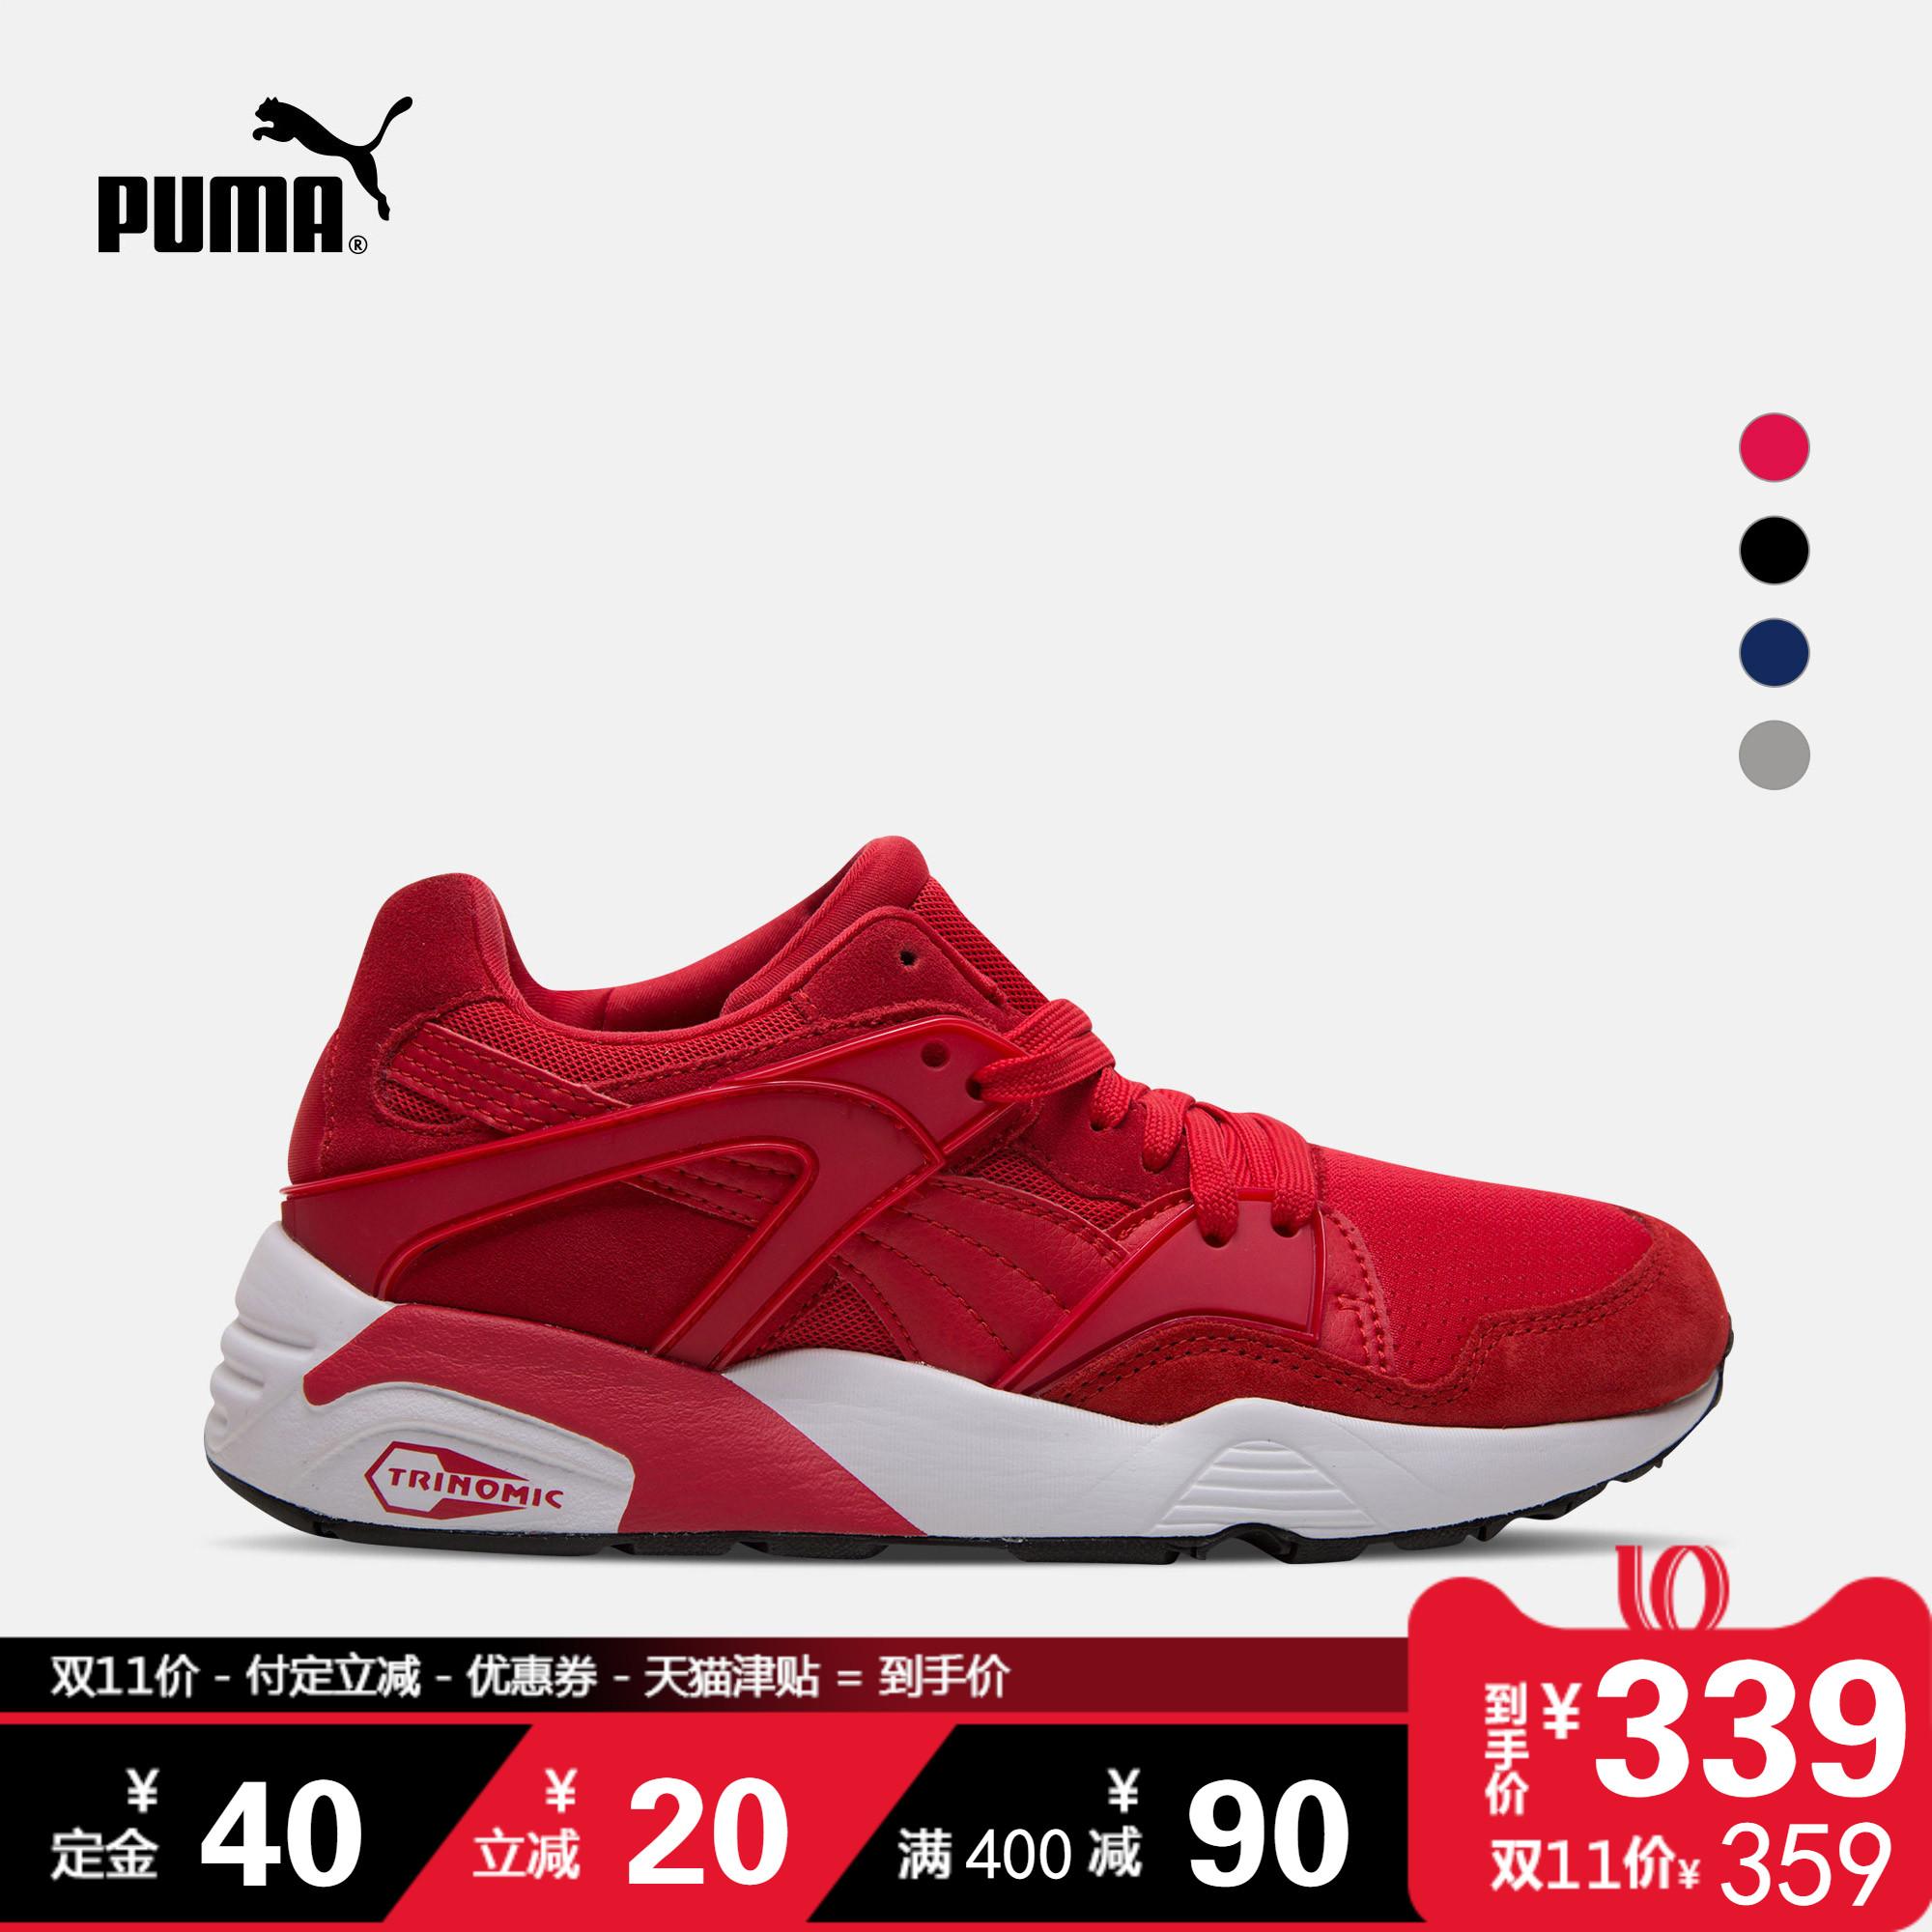 预售 PUMA彪马官方 男女同款运动休闲鞋 Blaze 364406